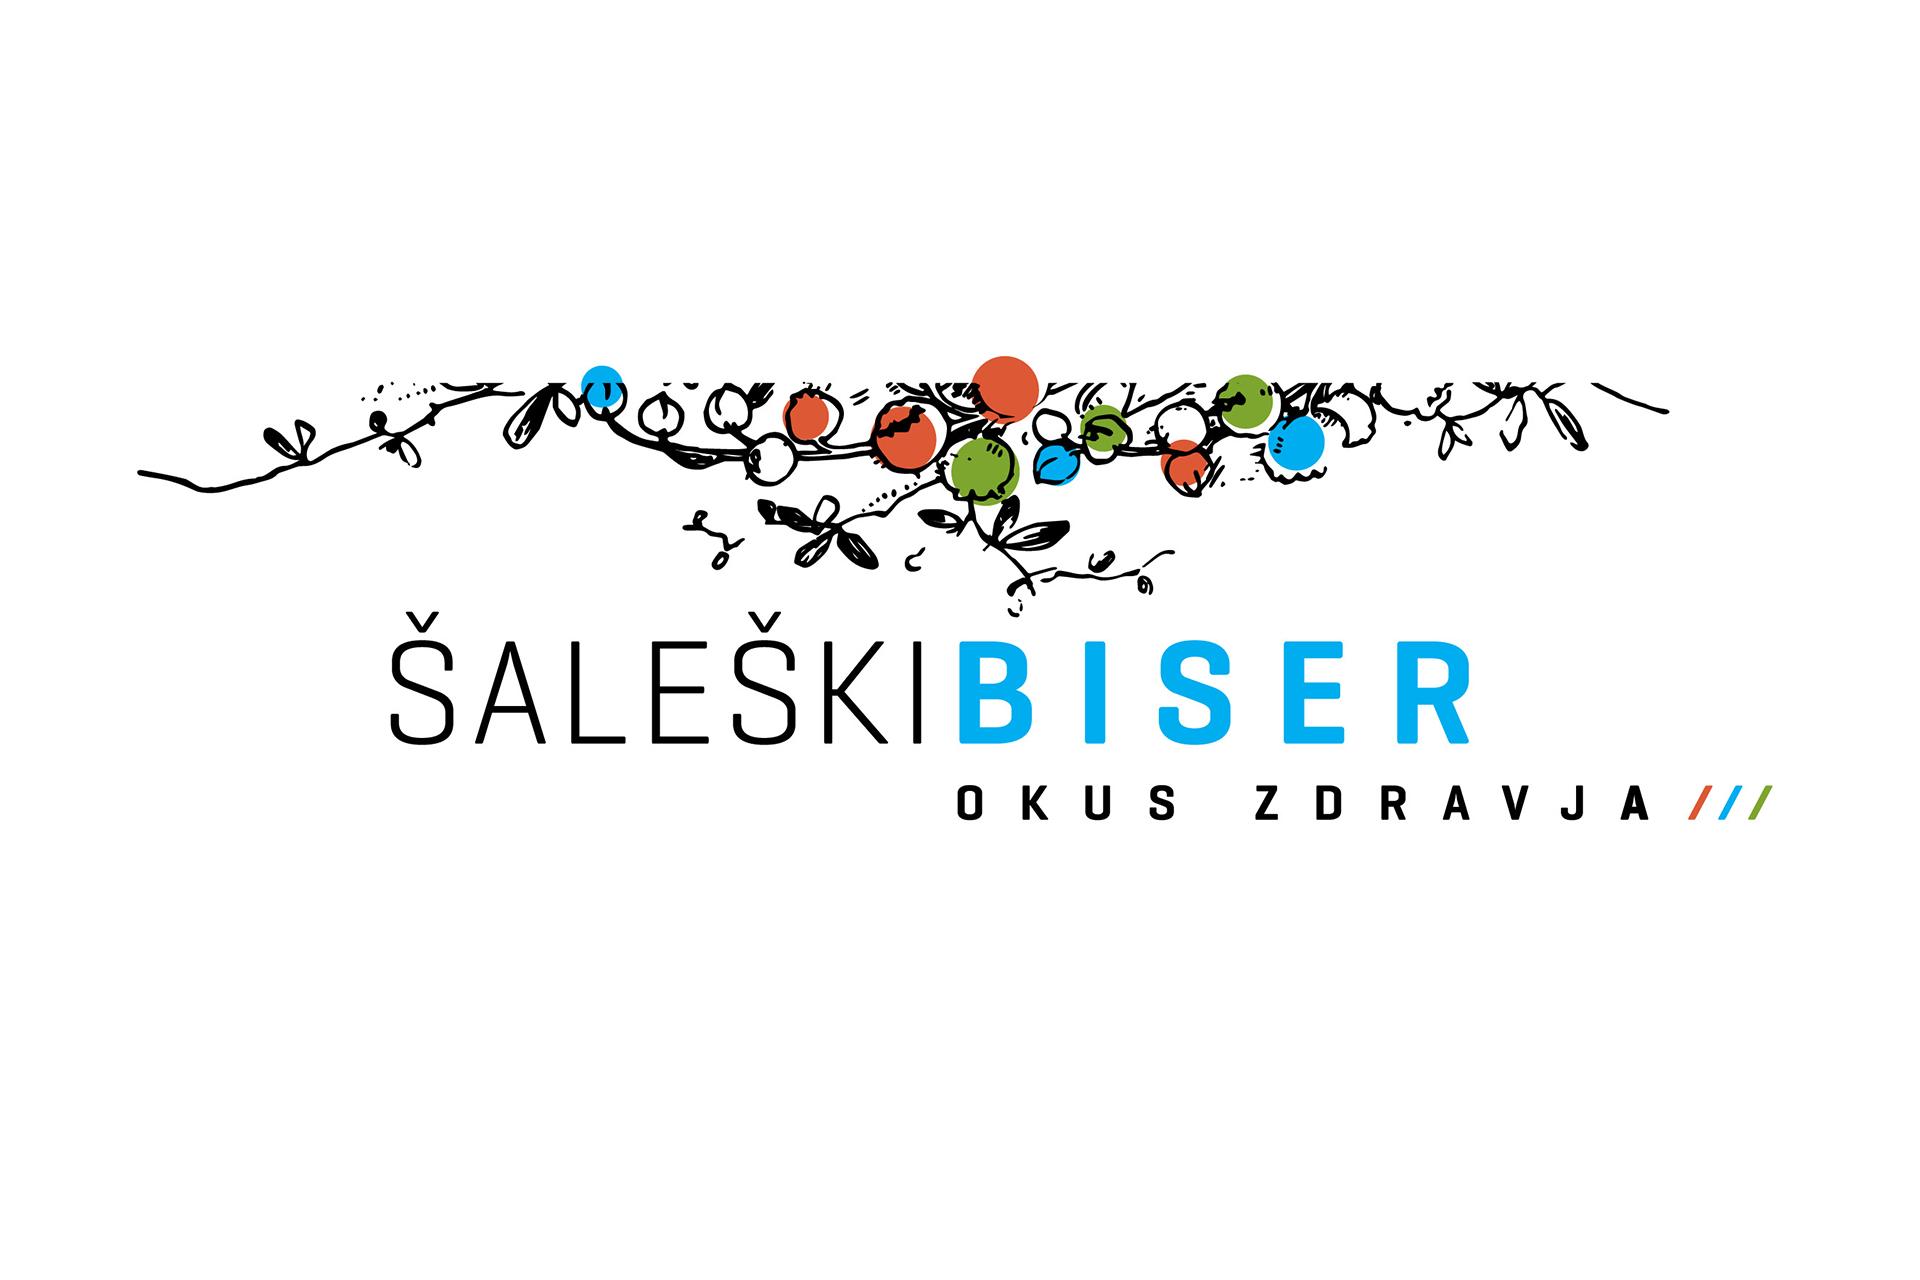 voda_saleski_biser_znak